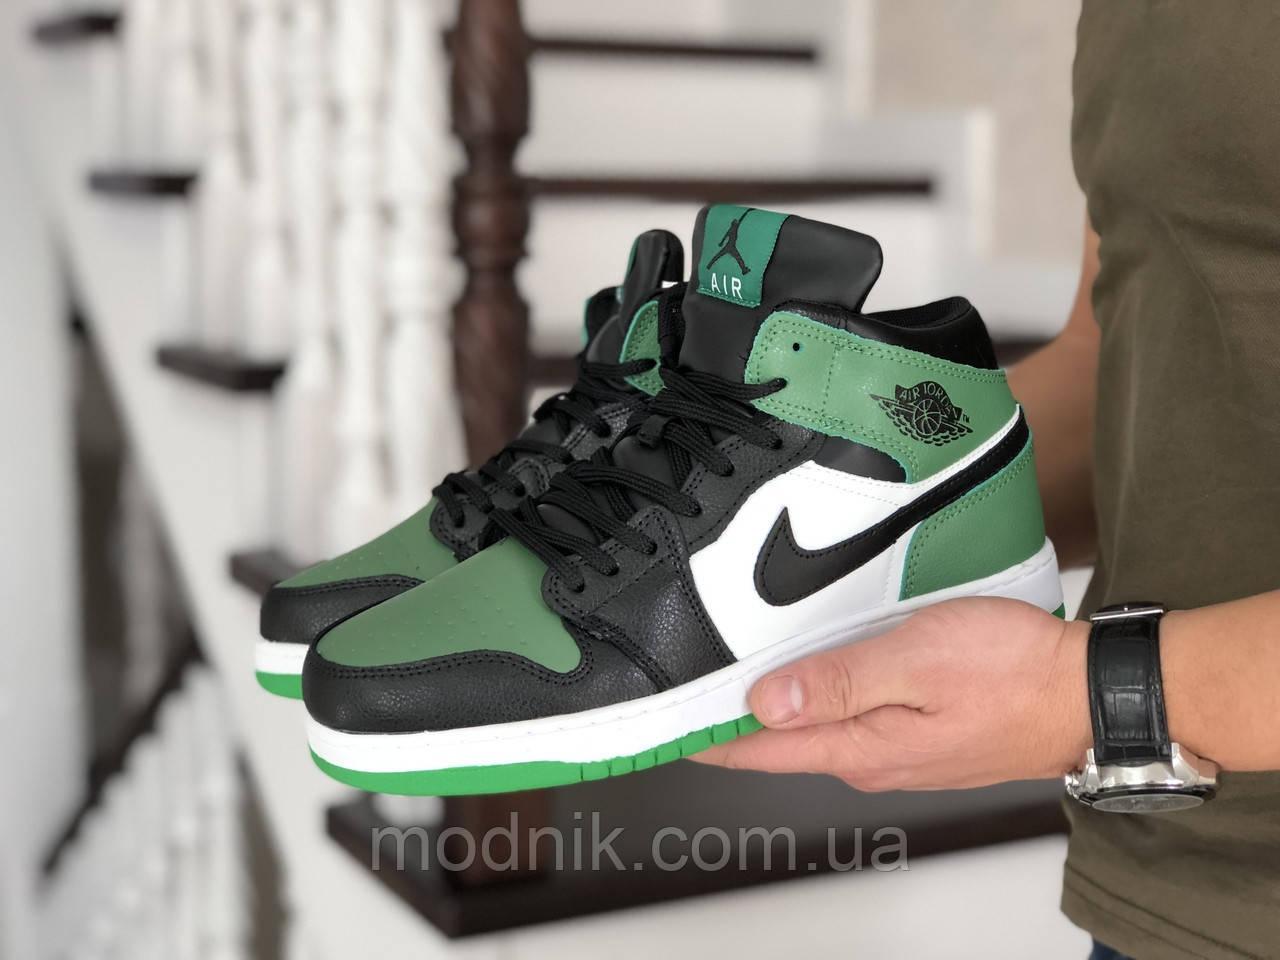 Мужские зимние кроссовки Nike Air Jordan 1 Retro (зелено-белые с черным)